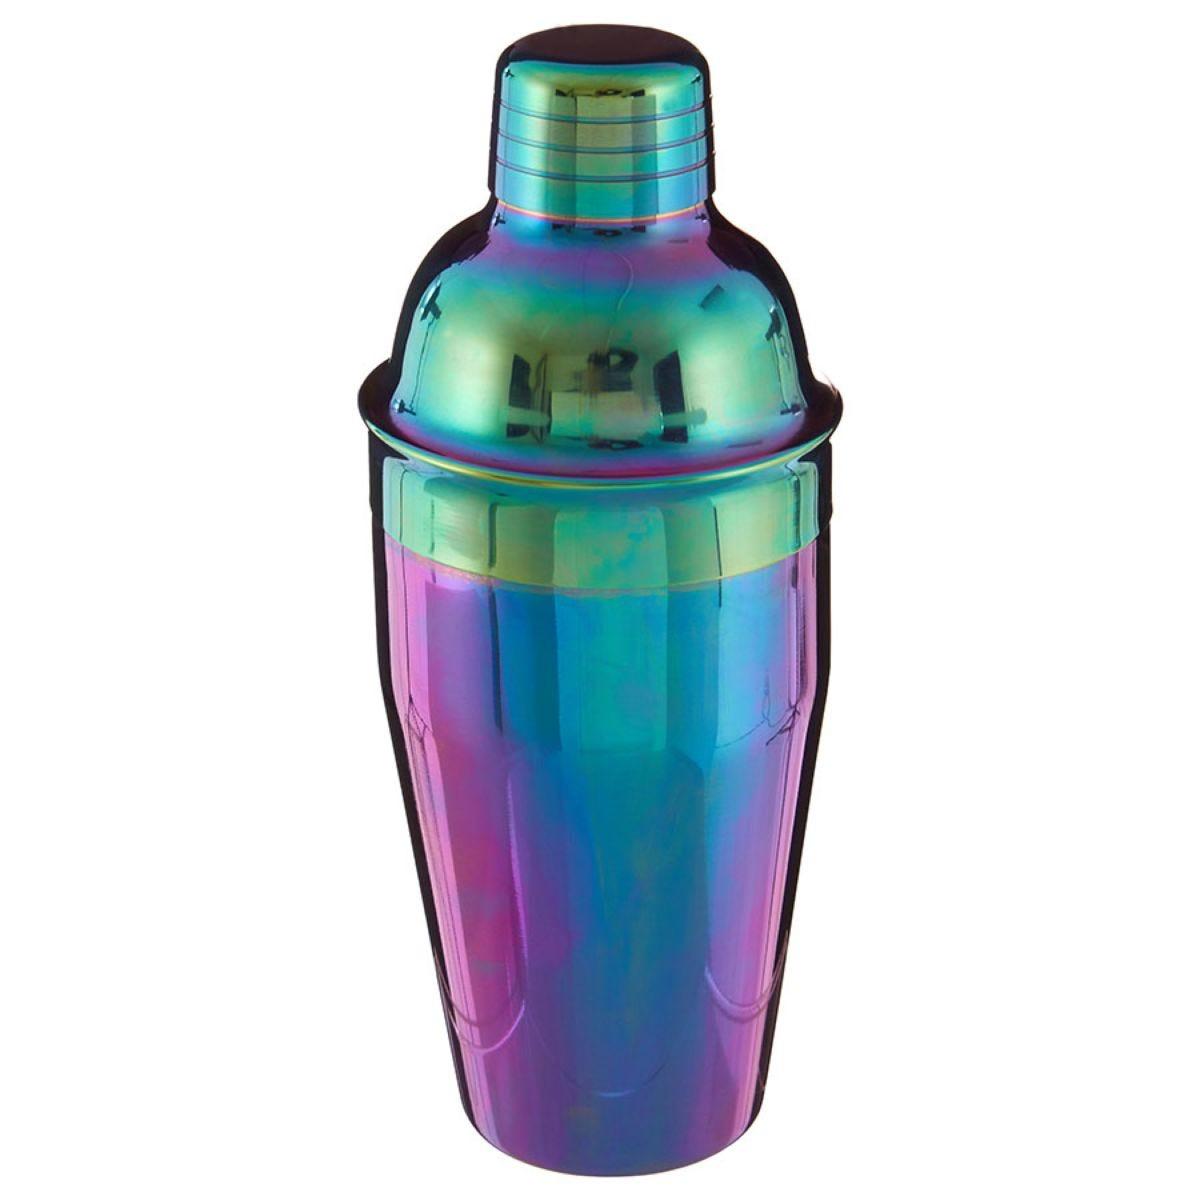 Premier Housewares 0.5L Cocktail Shaker - Rainbow